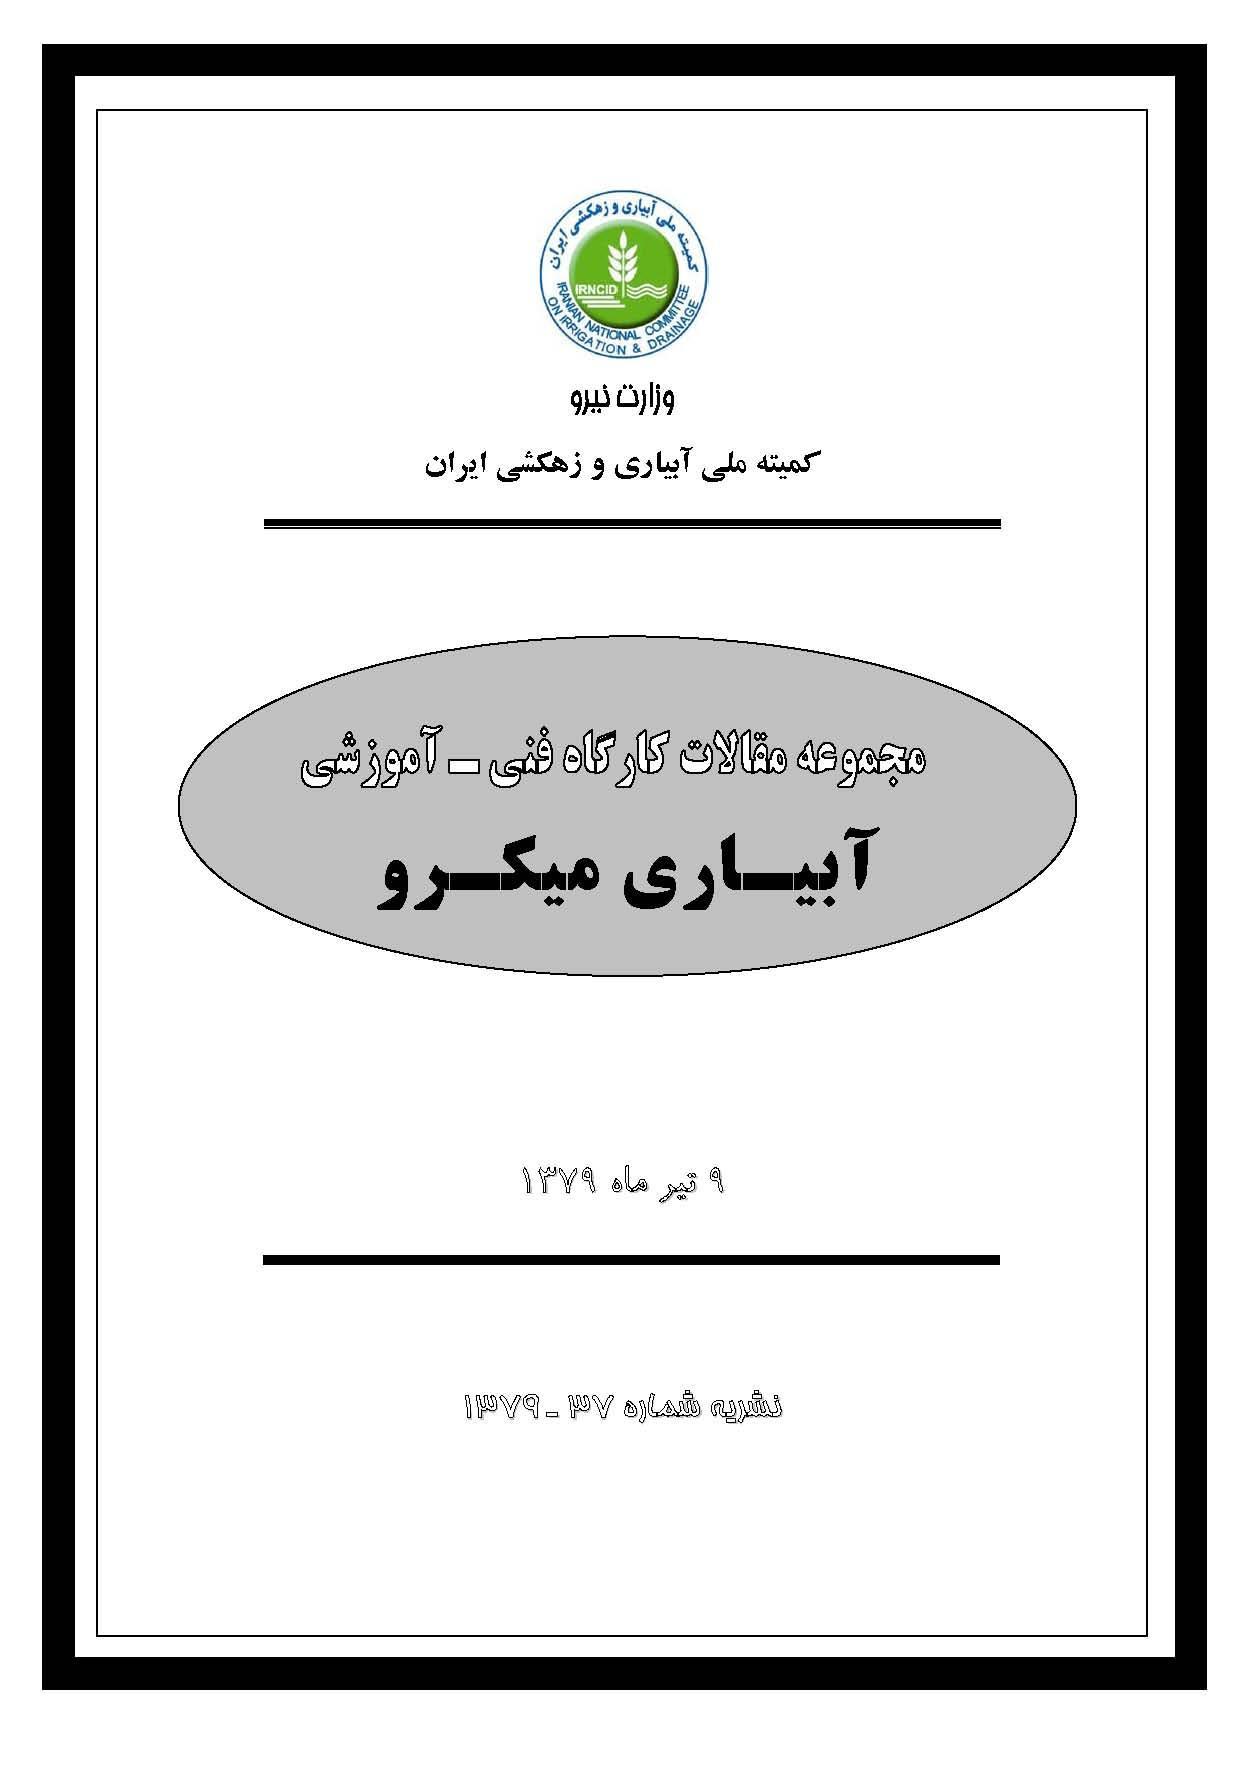 دانلود کتاب کشاورزی آبیاری میکرو